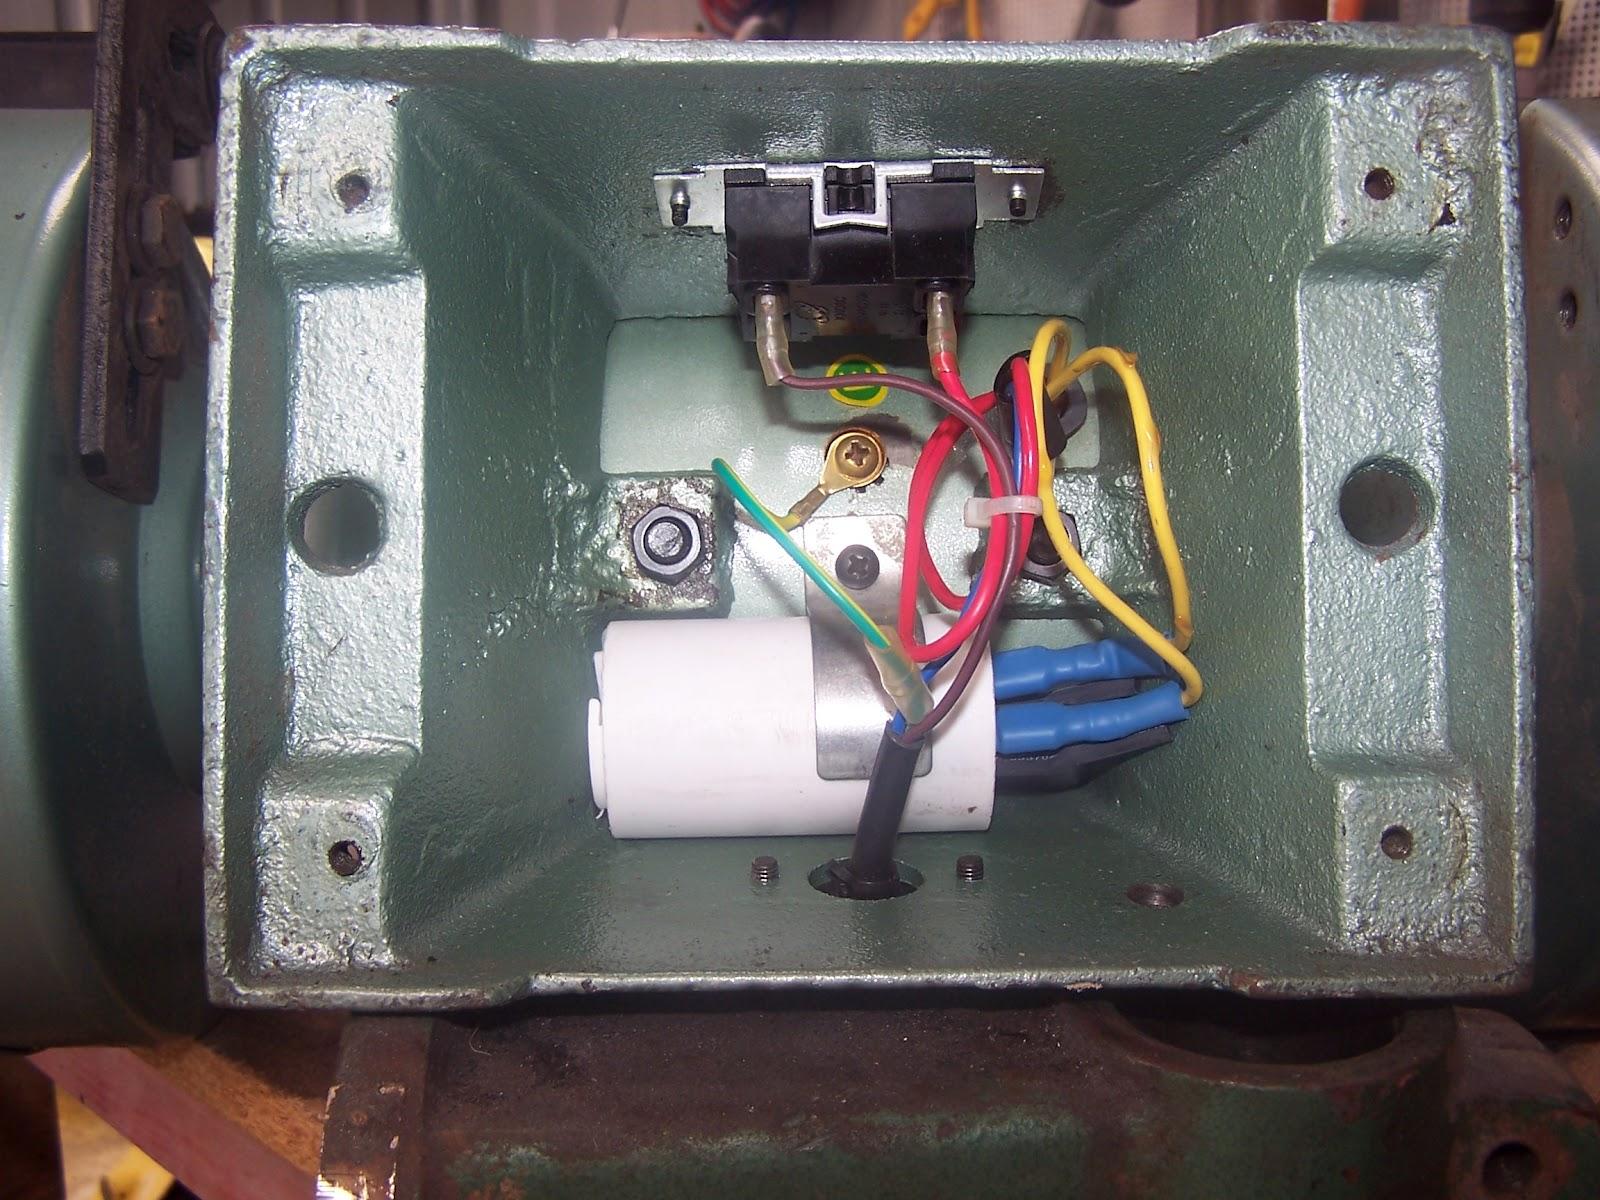 [CSDW_4250]   ZB_0625] Dayton Grinder Wiring Diagram Schematic Wiring | Bench Grinder Power Switch Wiring Diagram |  | Joami Apan Pneu Tzici Rect Mohammedshrine Librar Wiring 101